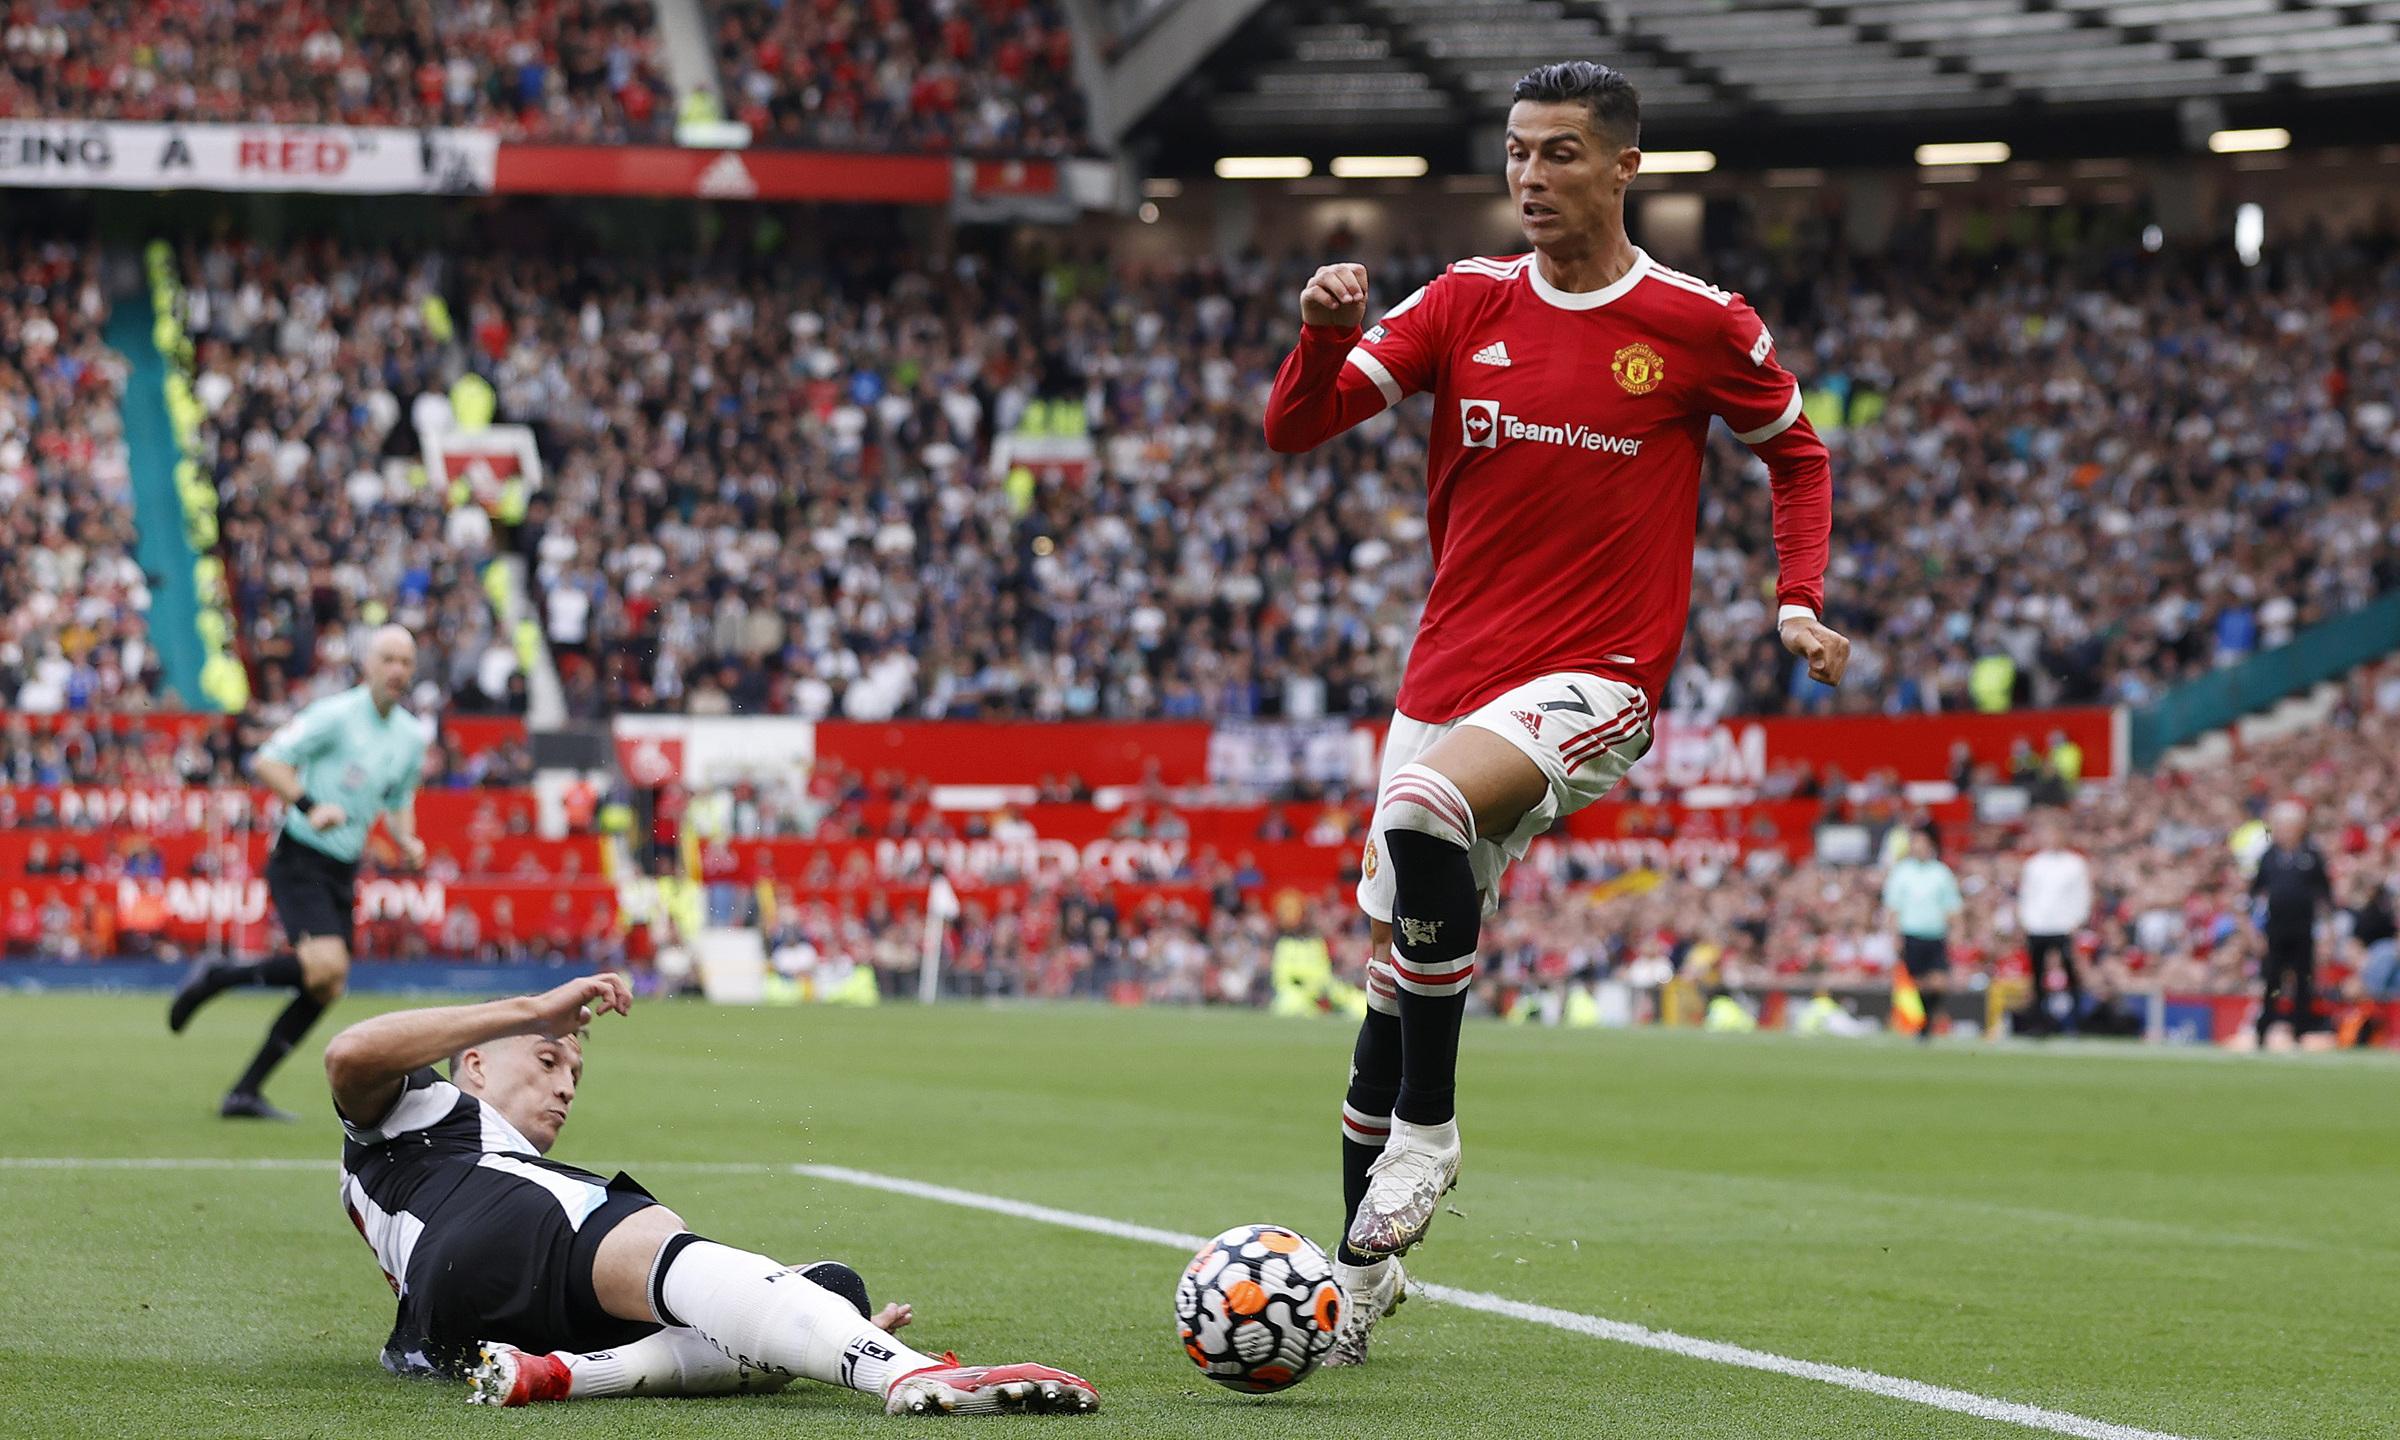 Màn ra mắt của Ronaldo lần thứ hai cho Man Utd được đánh giá cao. Ảnh: Reuters